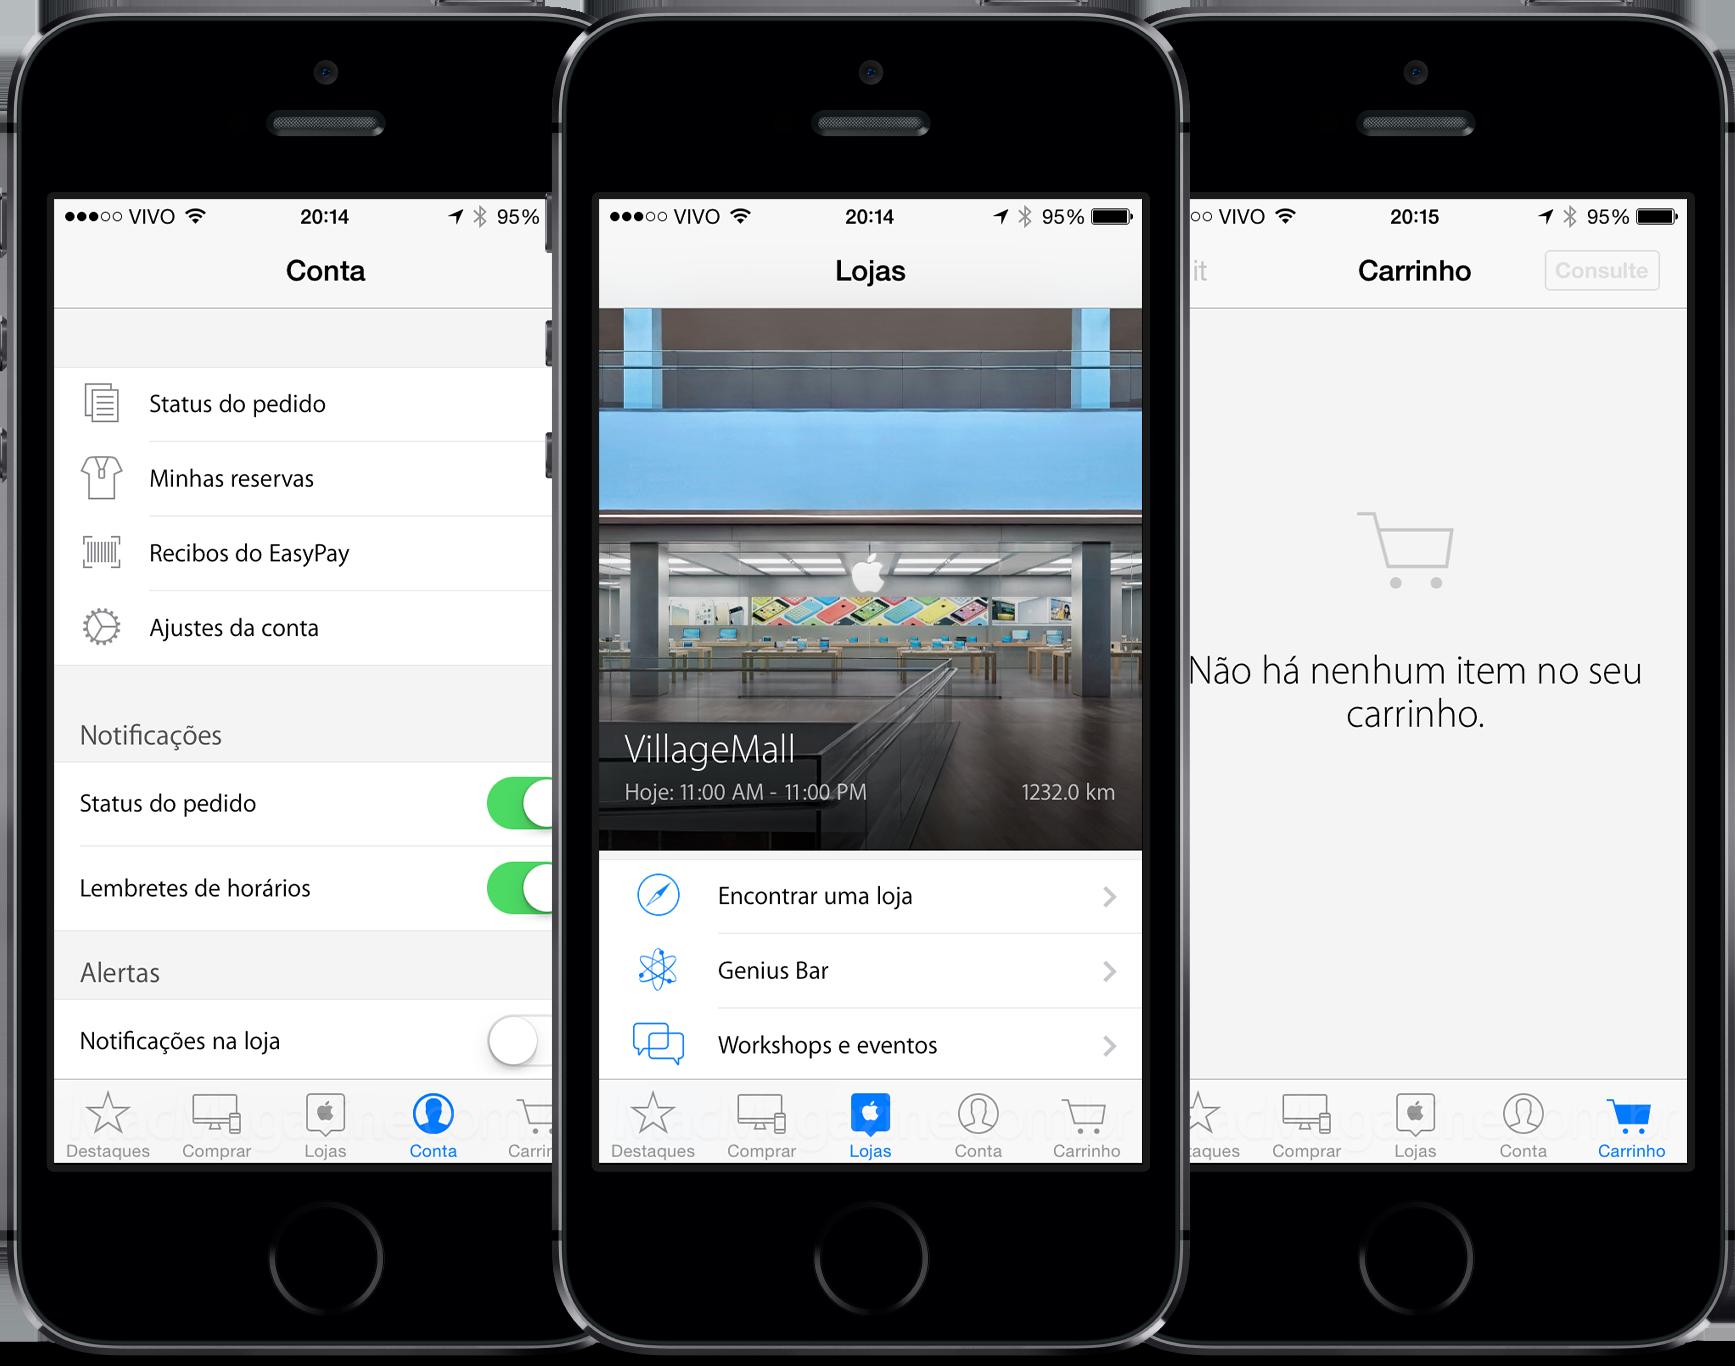 Apple Store app working in Brazil